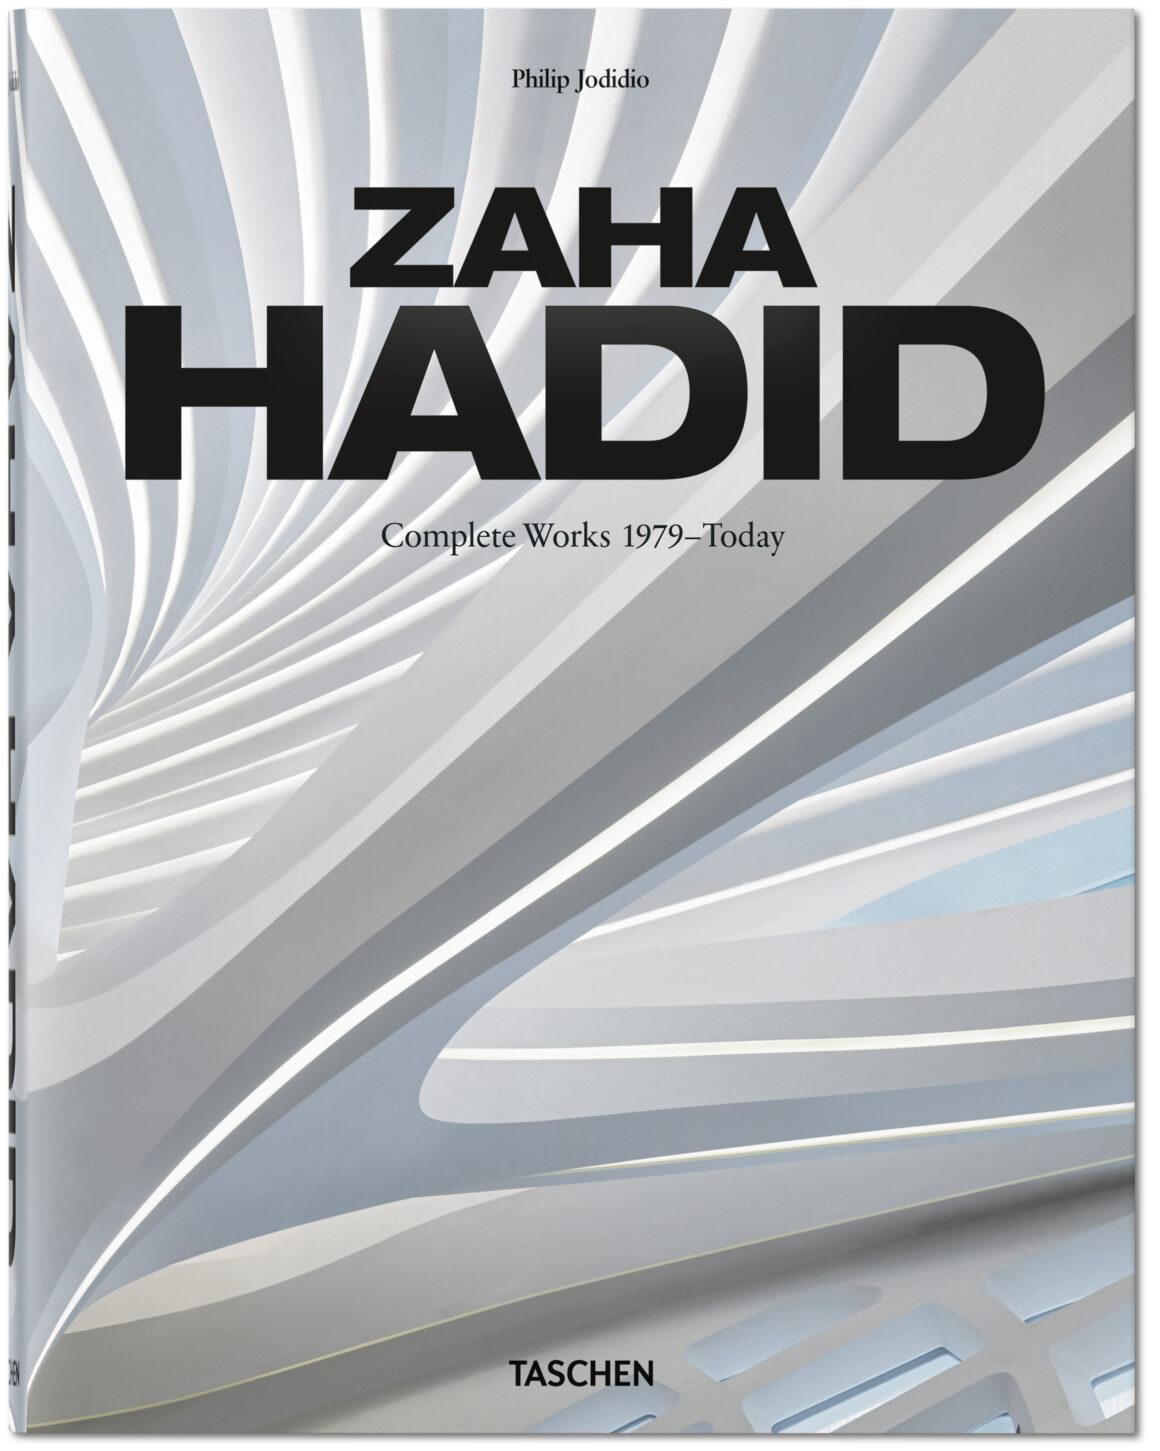 Zaha Hadid Cover